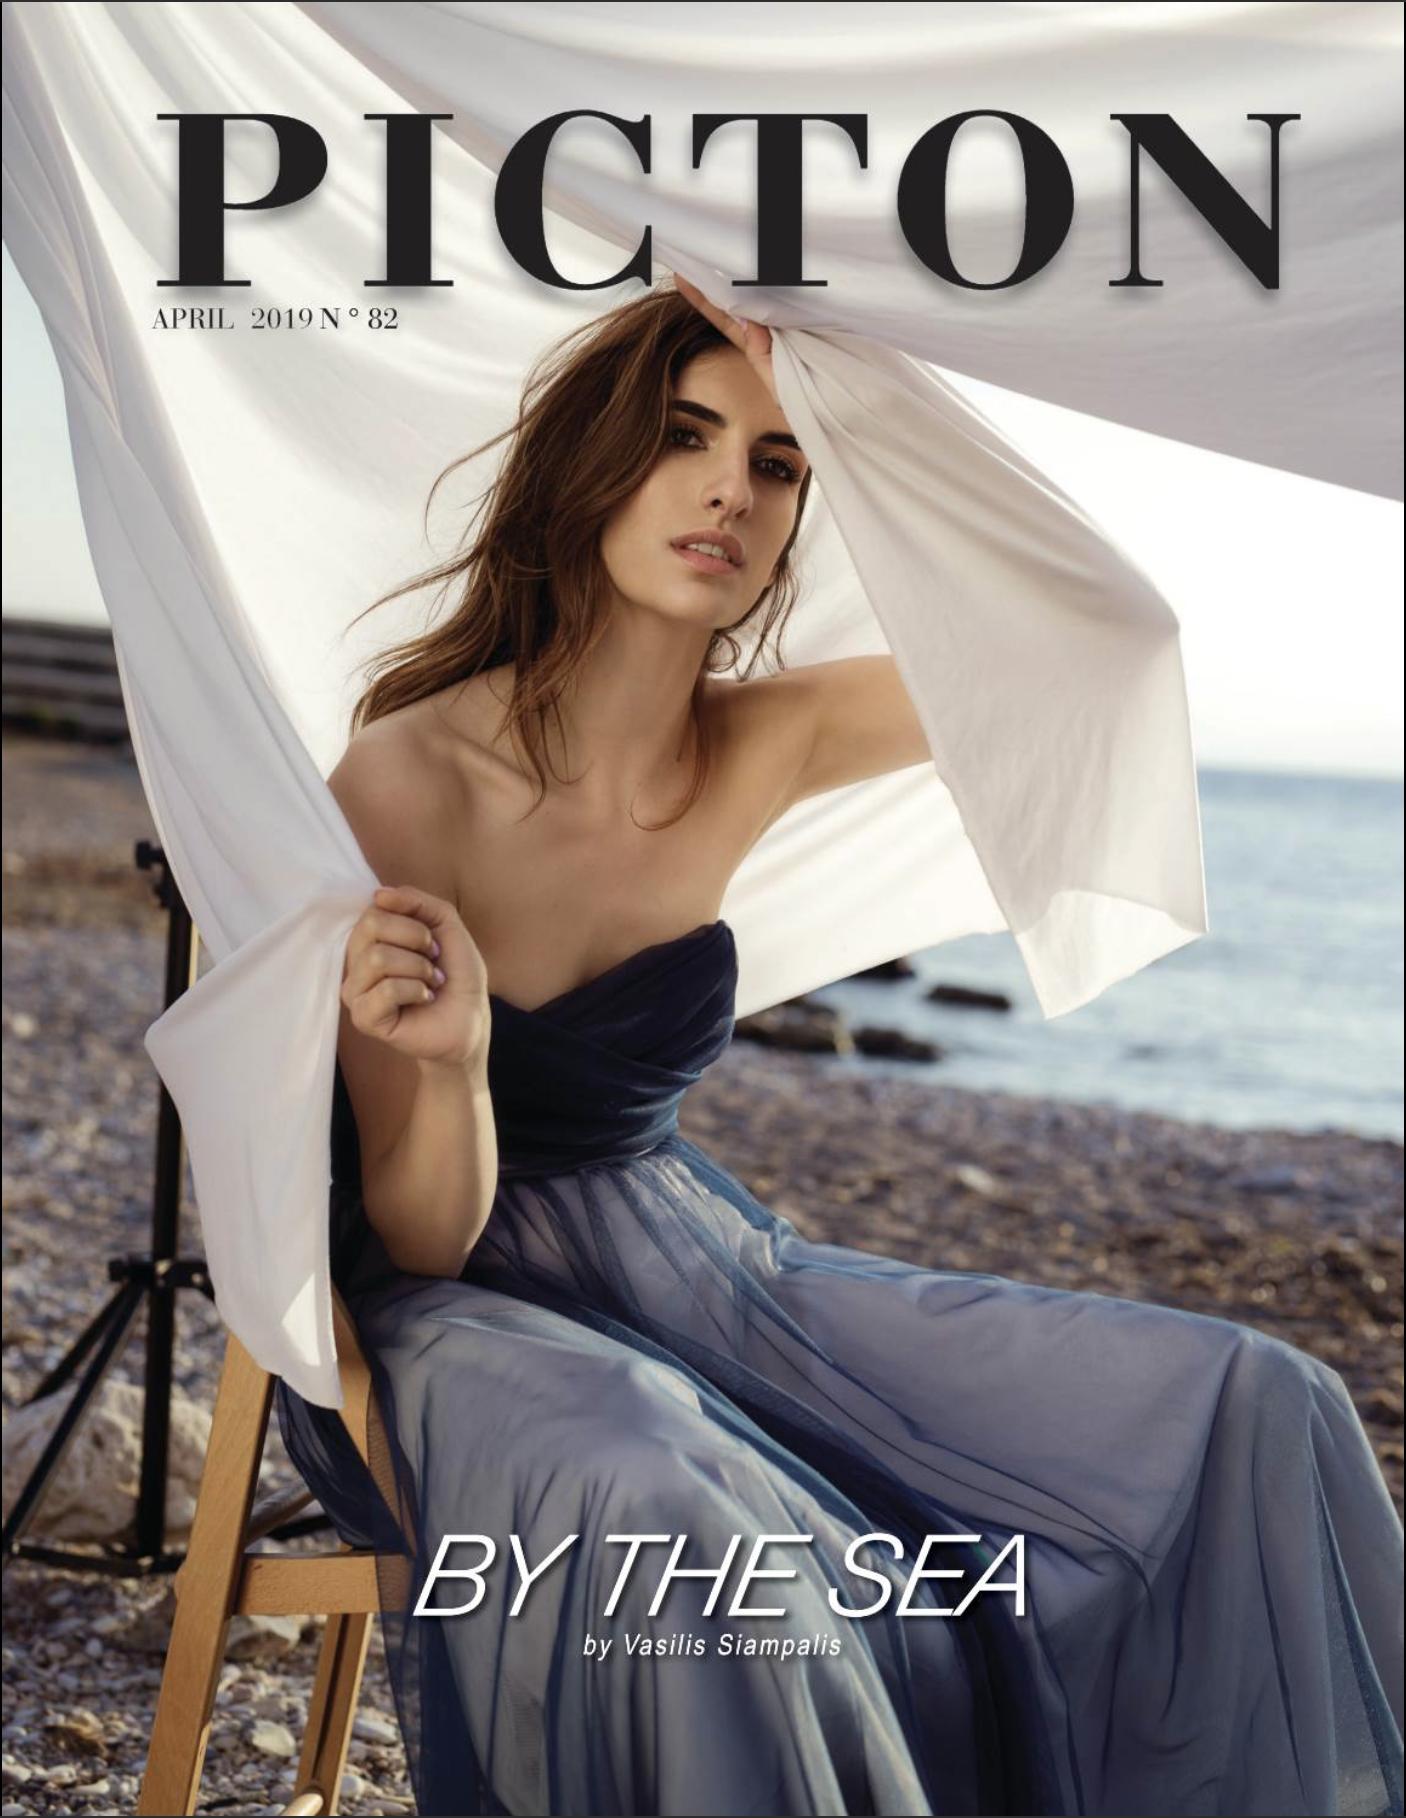 - Picton Magazine April 2019 no 82photographer/ wardrobe stylist: Sylwia Gniazdowskamodel: Daria BronsartMUA: Oliwia Grzelakhair stylist: Monika Gębka